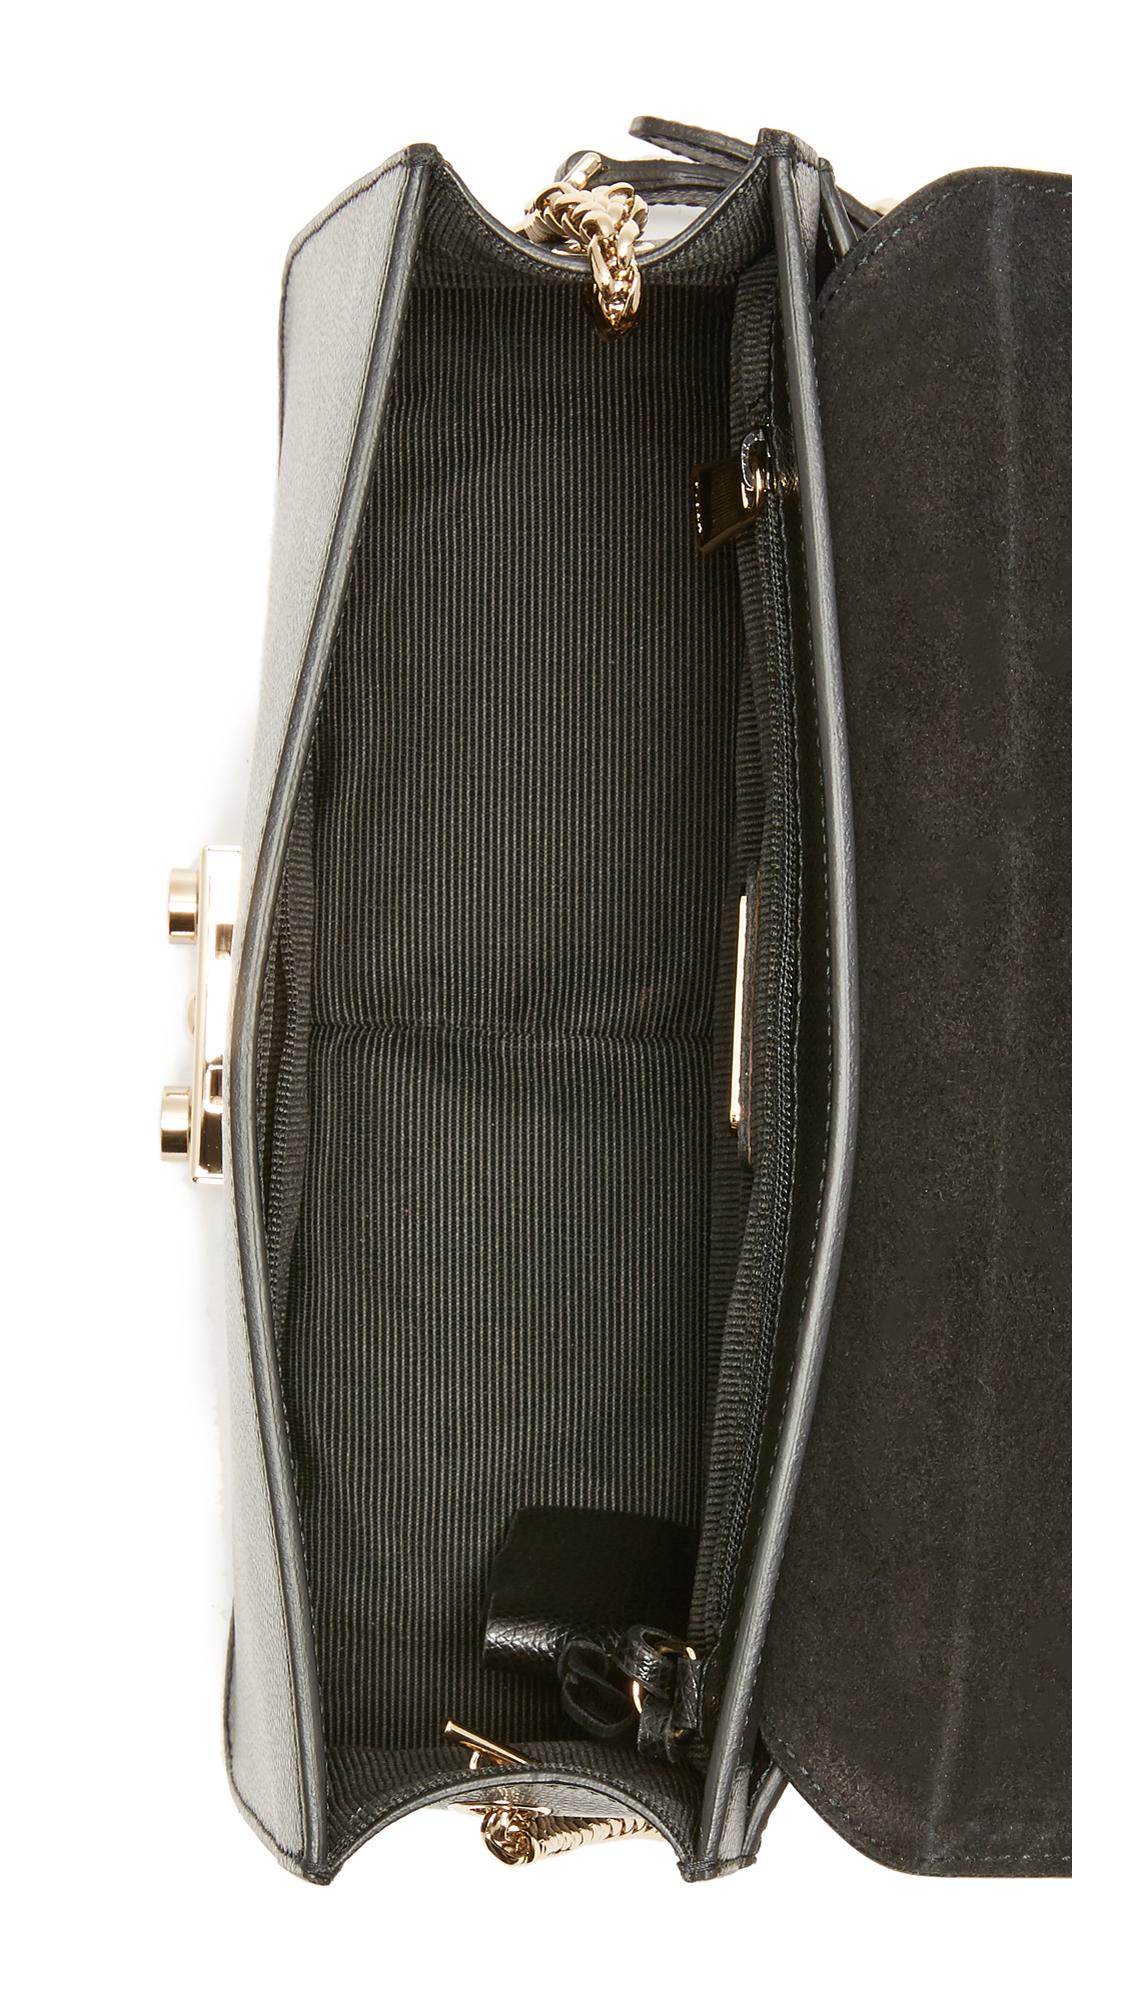 3c8d8b1708 Furla Metropolis Shoulder Bag